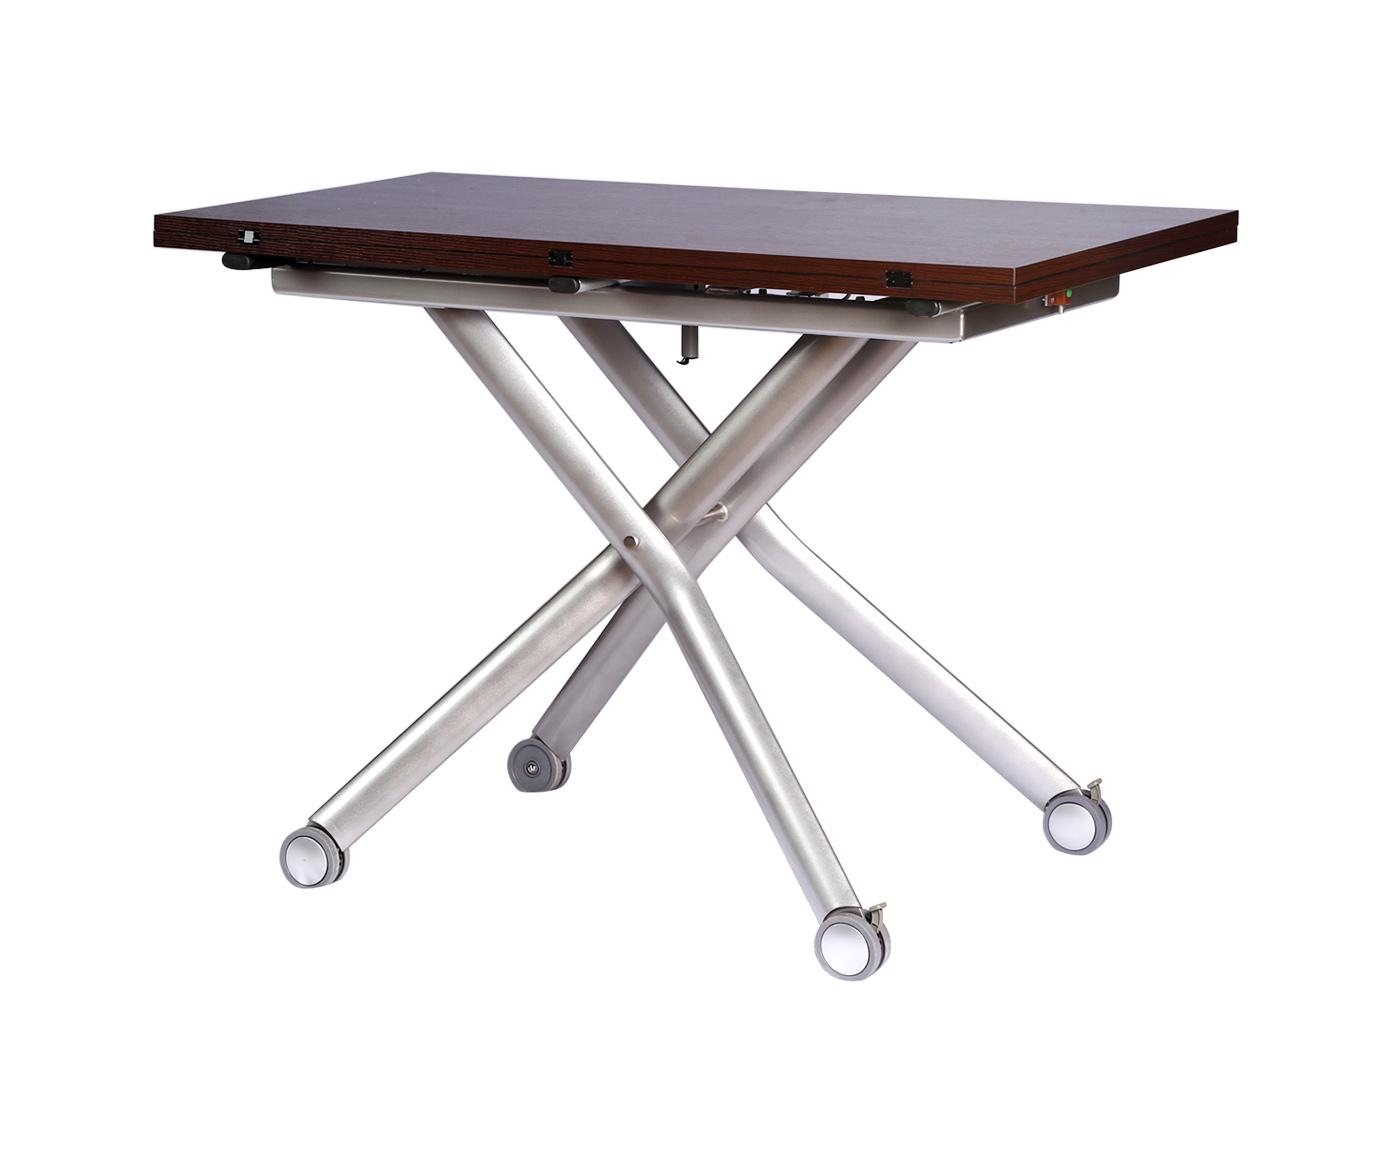 Стол трансформерОбеденные столы<br>Размер в разложенном виде: 60-110 см<br><br>Material: Дерево<br>Width см: 120<br>Depth см: 60<br>Height см: 75